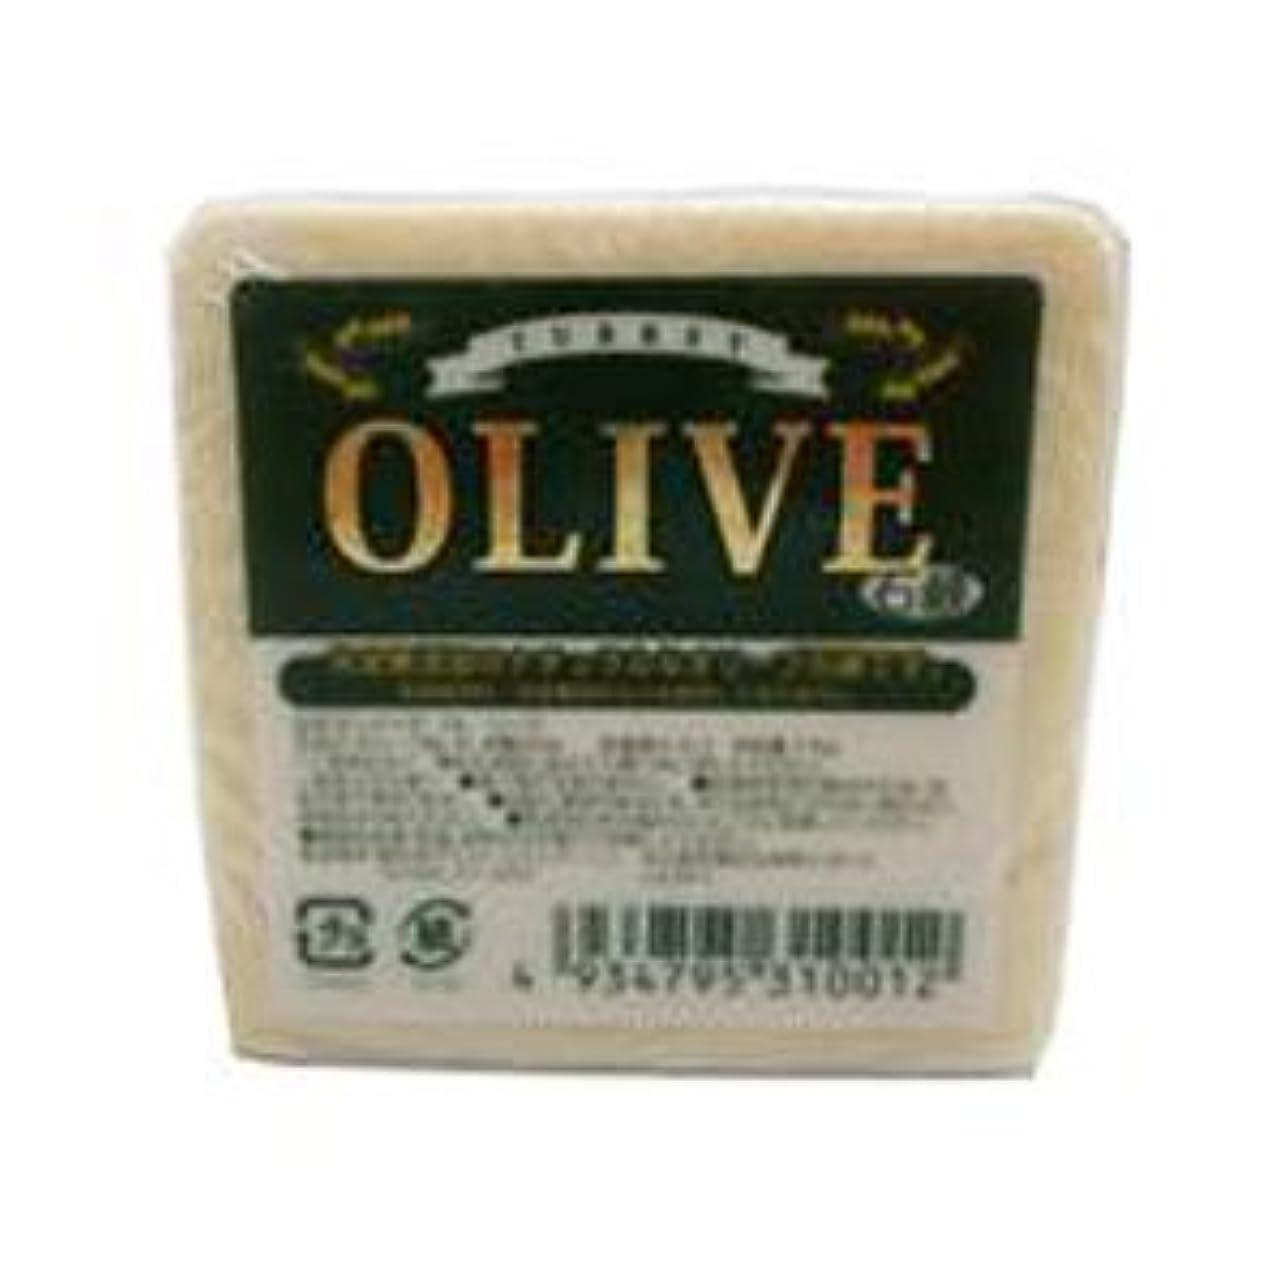 主権者のためこどもの宮殿お得な10個セット トルコ産オリーブを使用した無添加石鹸 ターキーオリーブ石鹸 135g